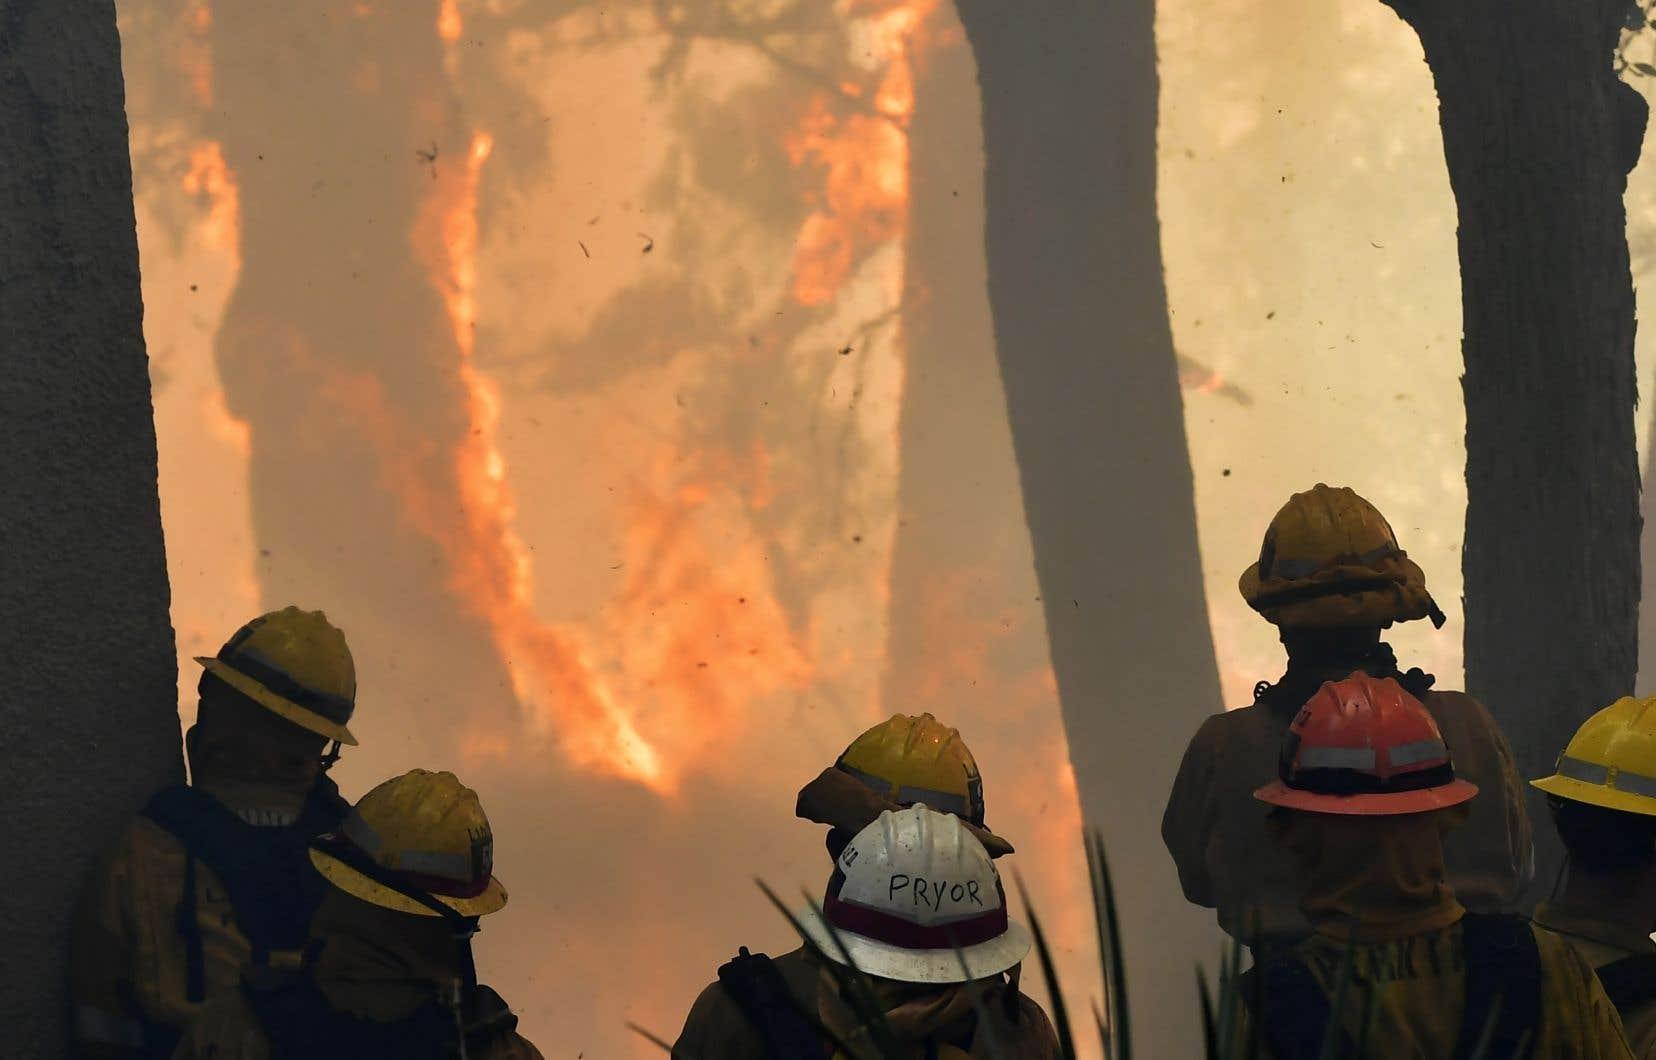 À la mi-août, alors que la saison des incendies de forêt n'est normalement pas encore commencée auxÉtats-Unis, près de 80% des pompiers disponibles dans les États touchés étaient déjà à pied d'œuvre. On a dû faire appel à des renforts des quatre coins du pays, mais aussi de l'étranger.